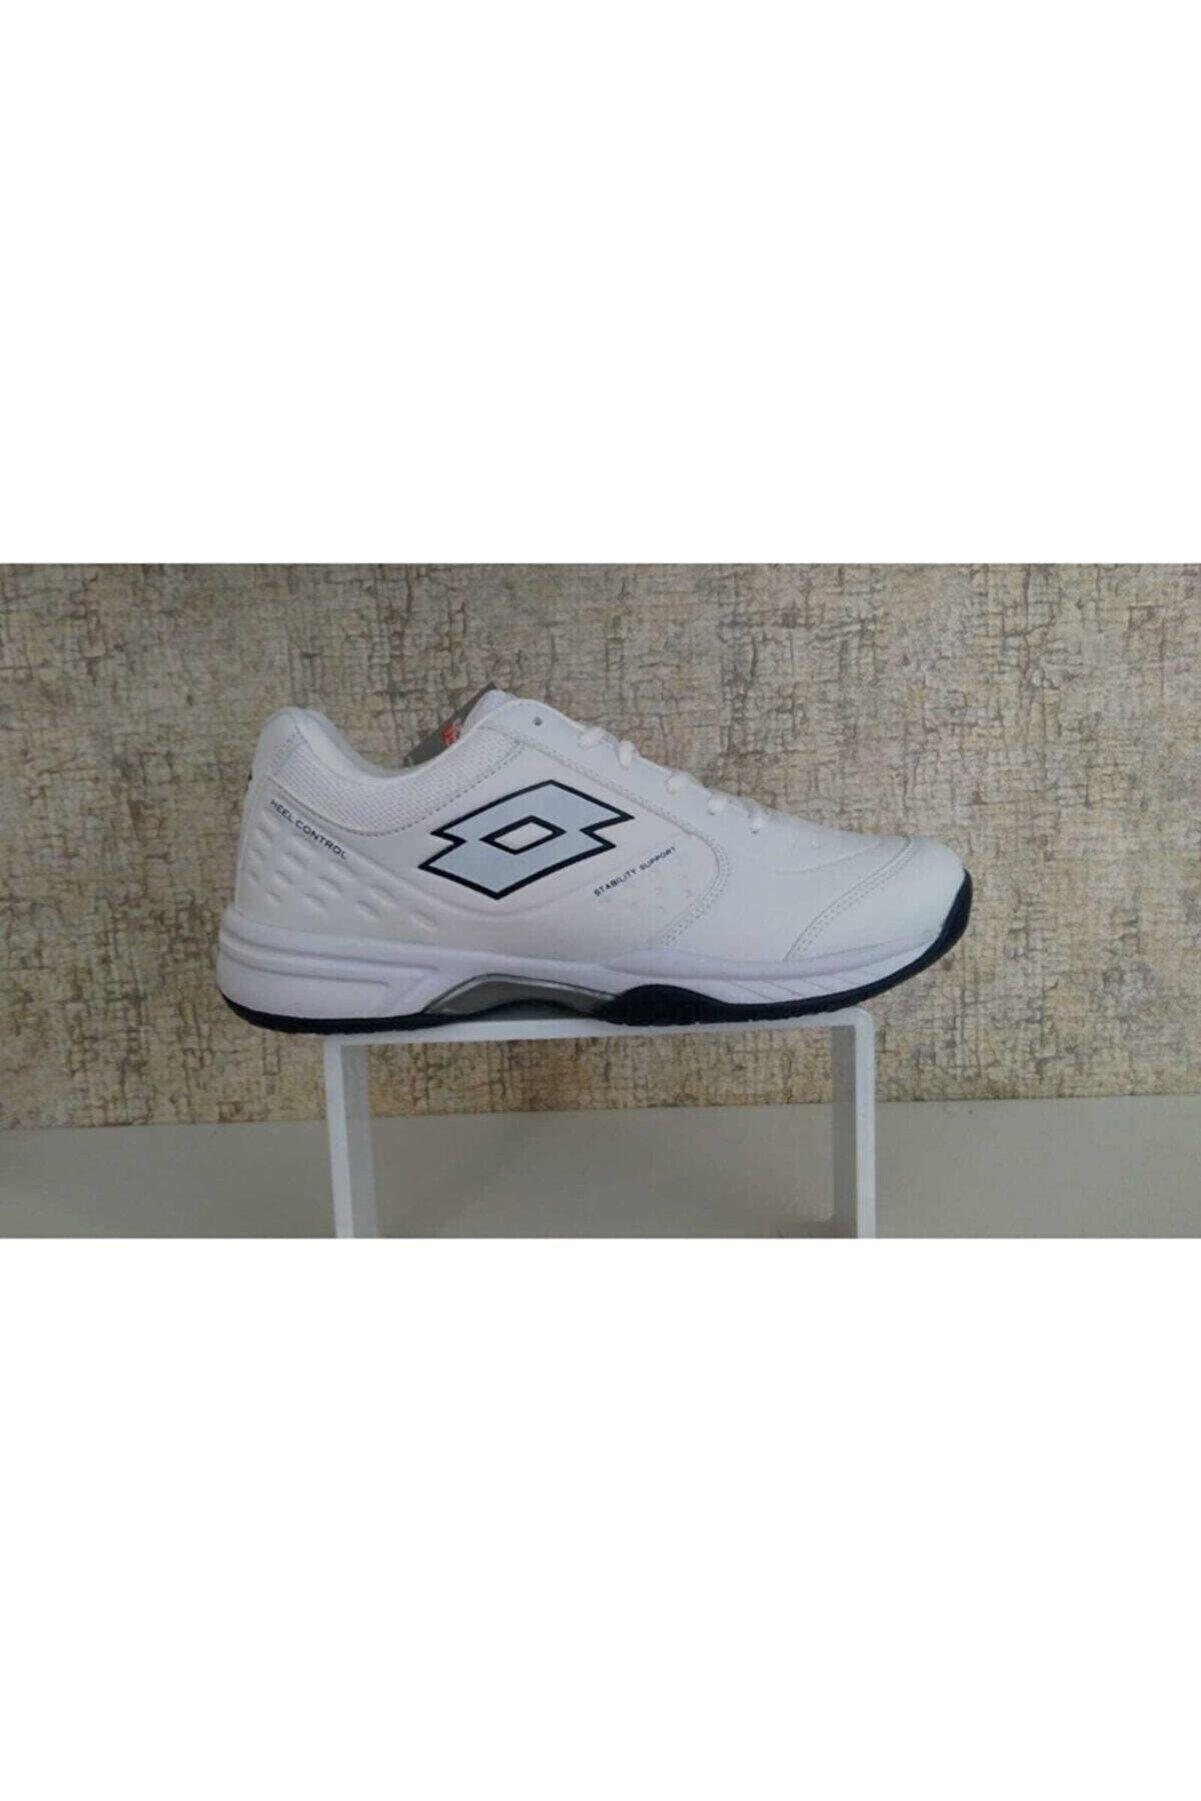 Lotto T2531 Space 600 Iı Alr Kauçuk Tabanlı Tenis Ayakkabısı